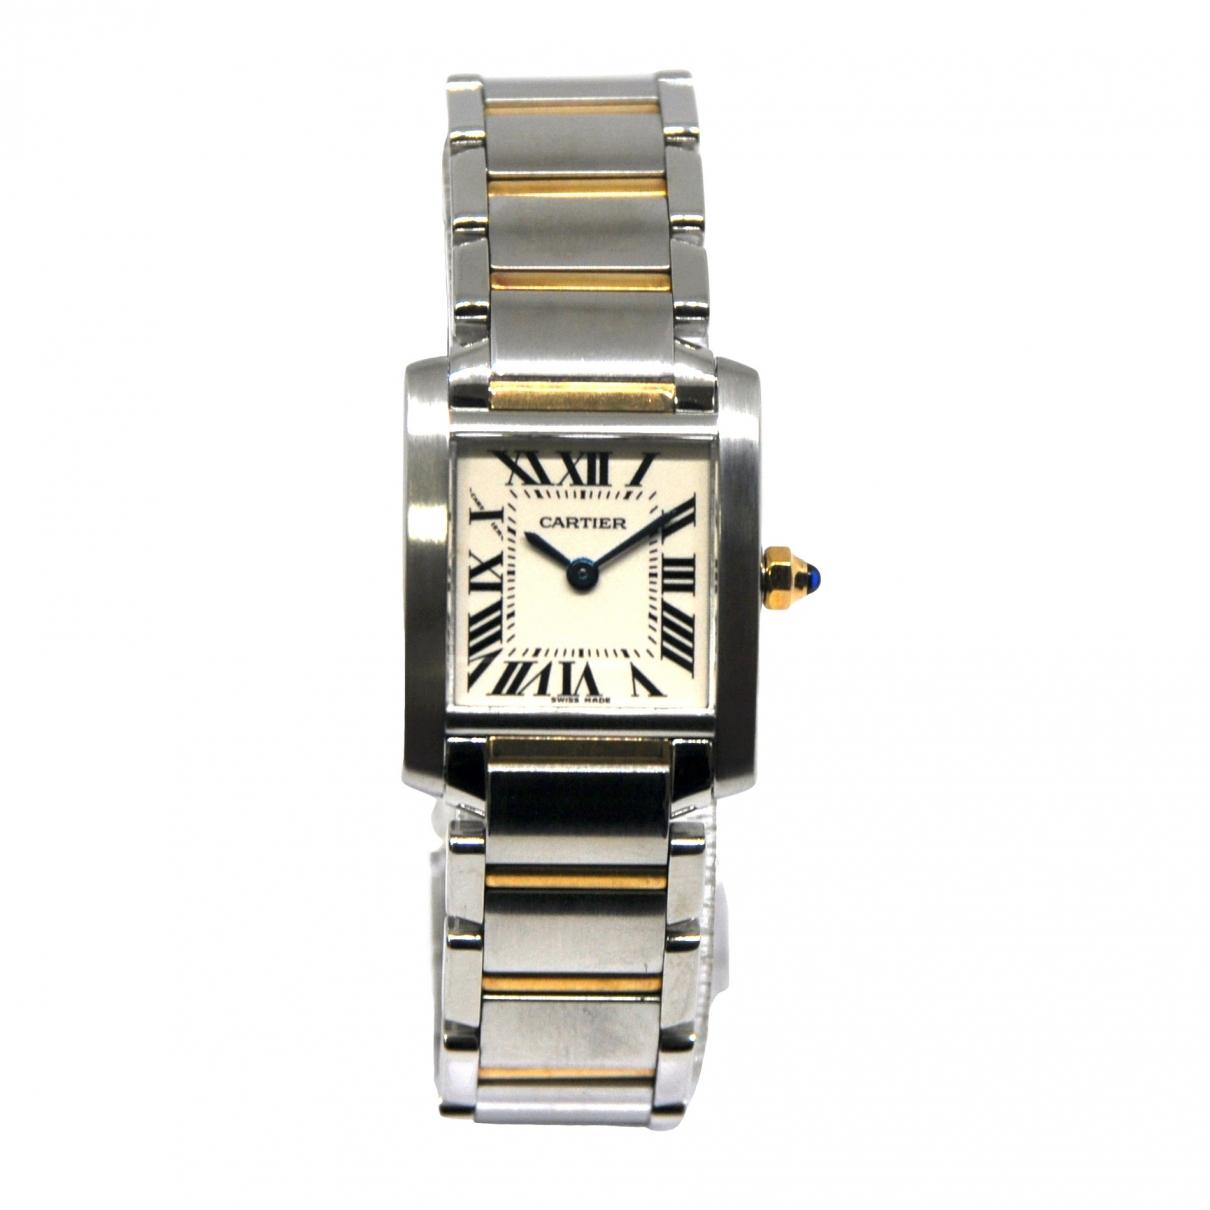 Cartier Tank Francaise Uhr in Gold und Stahl